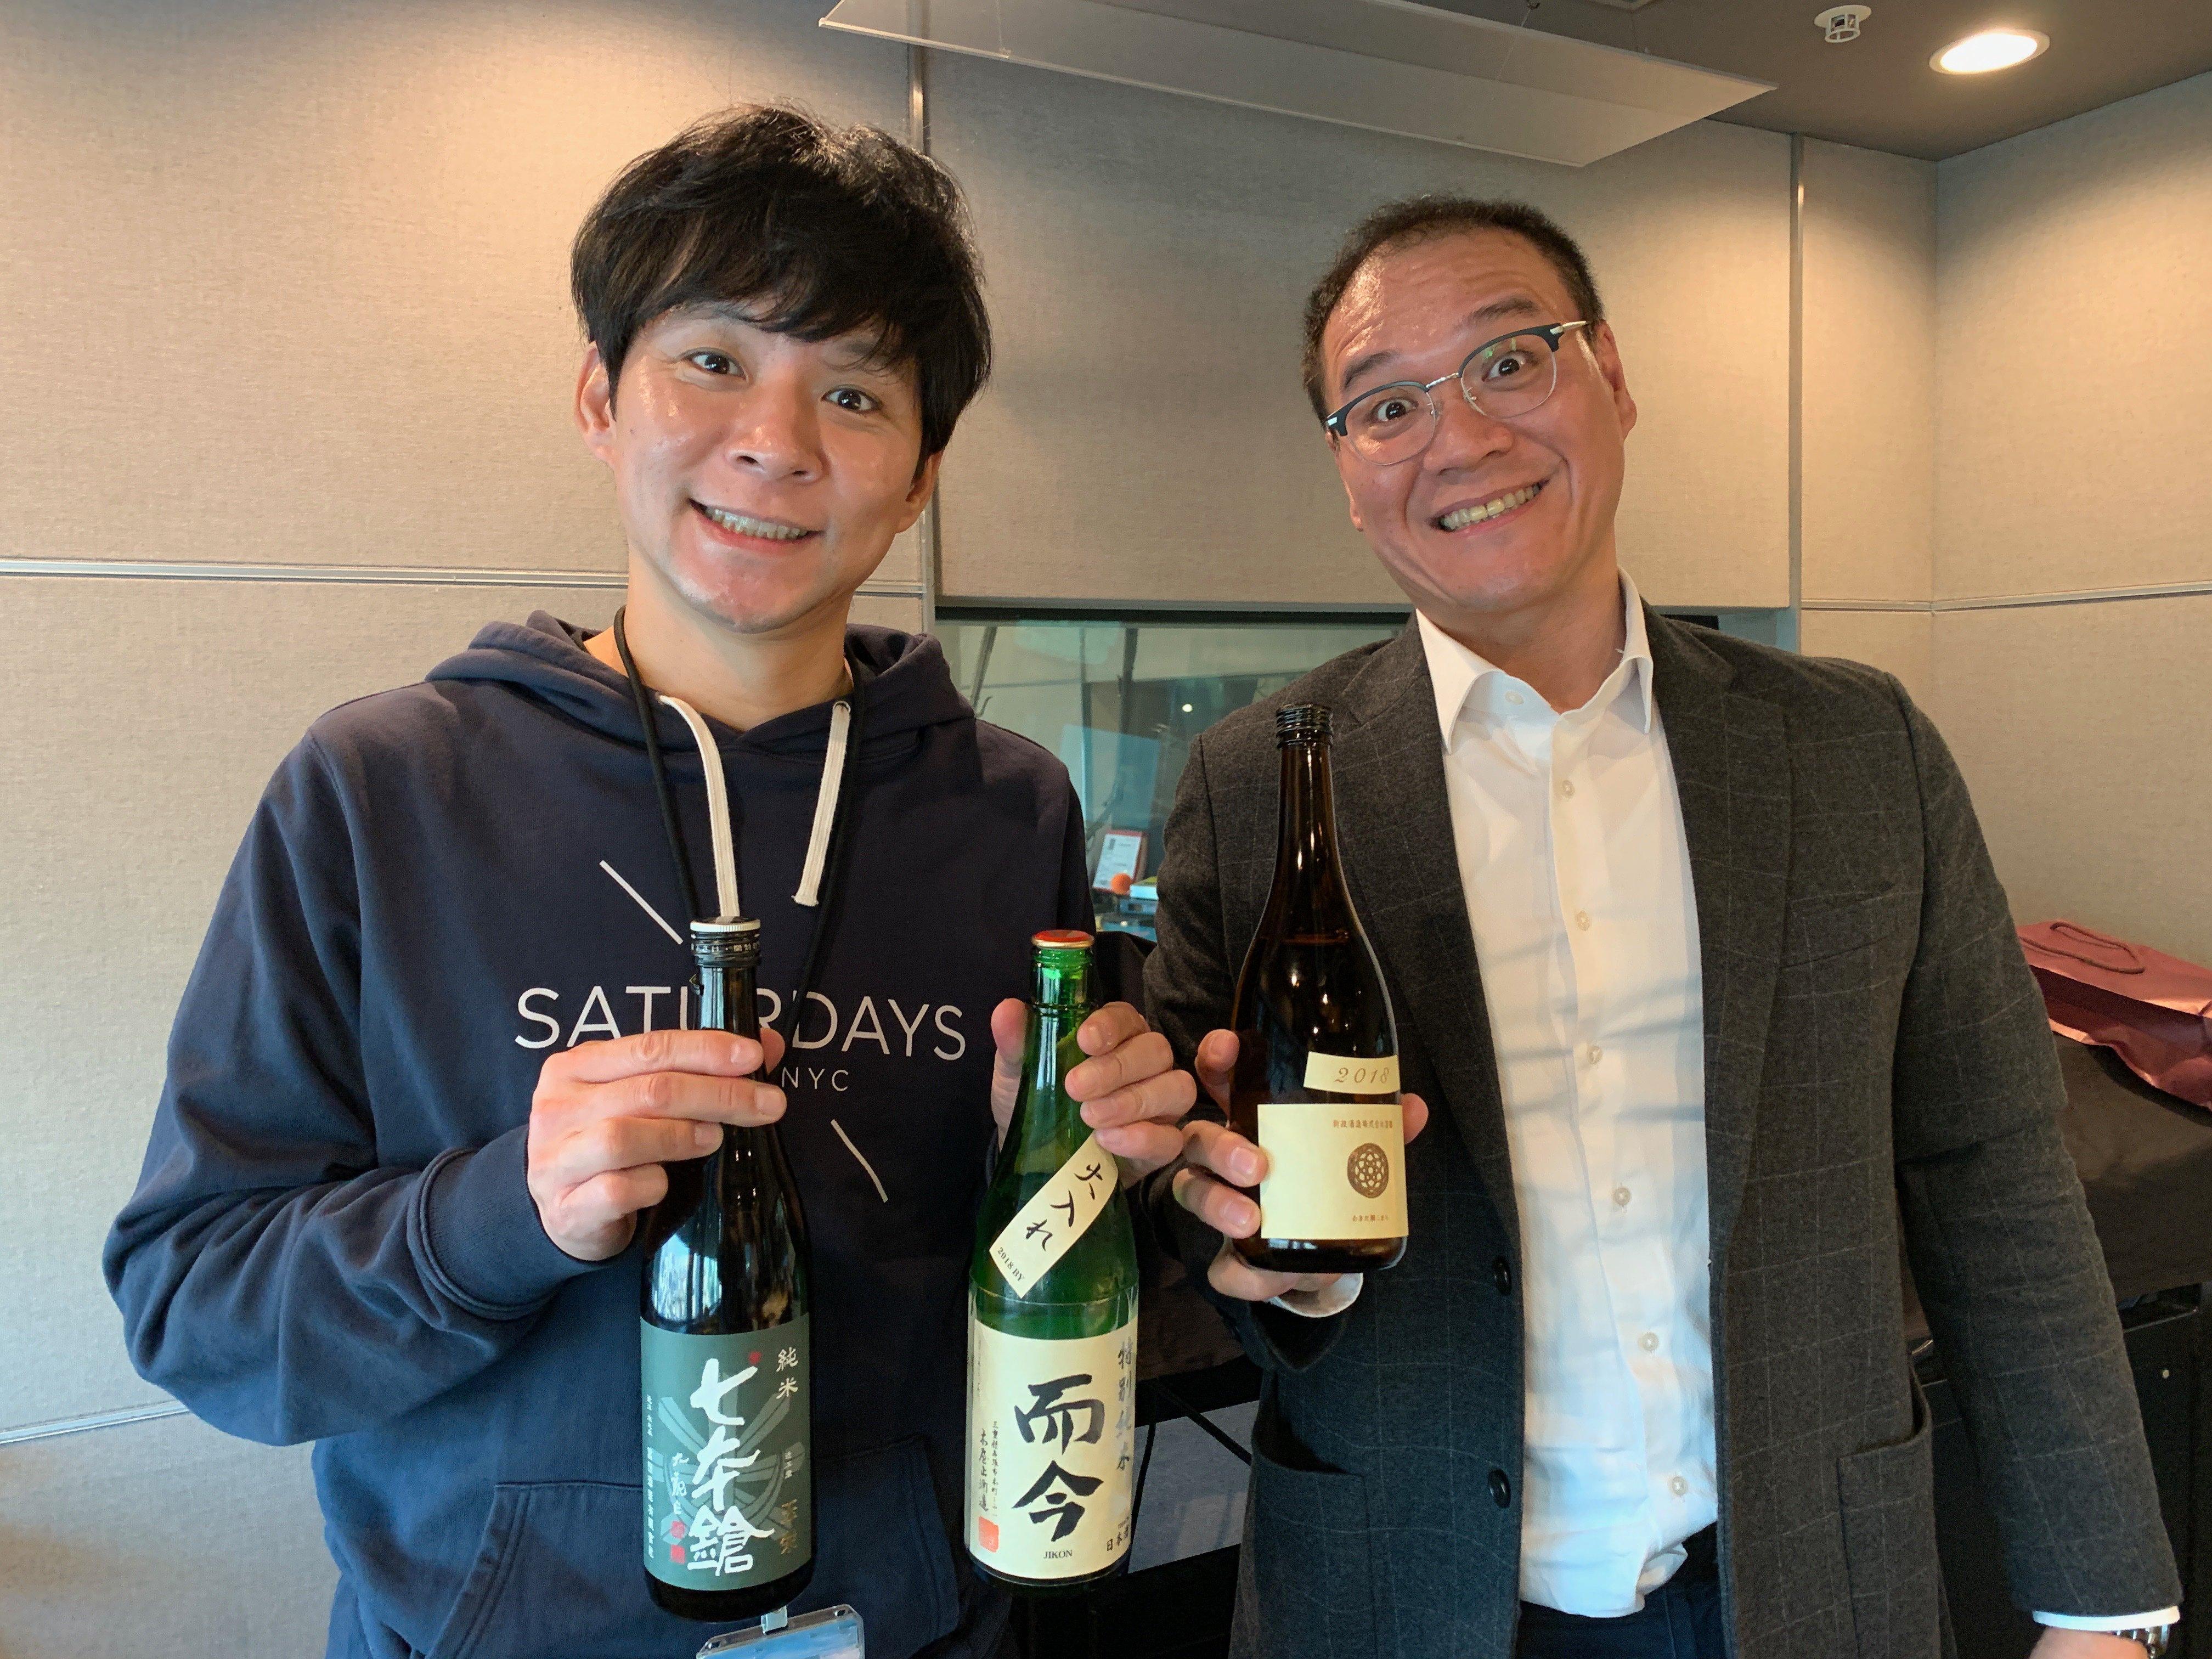 おすすめの日本酒3選 アンジャッシュ・渡部が試飲